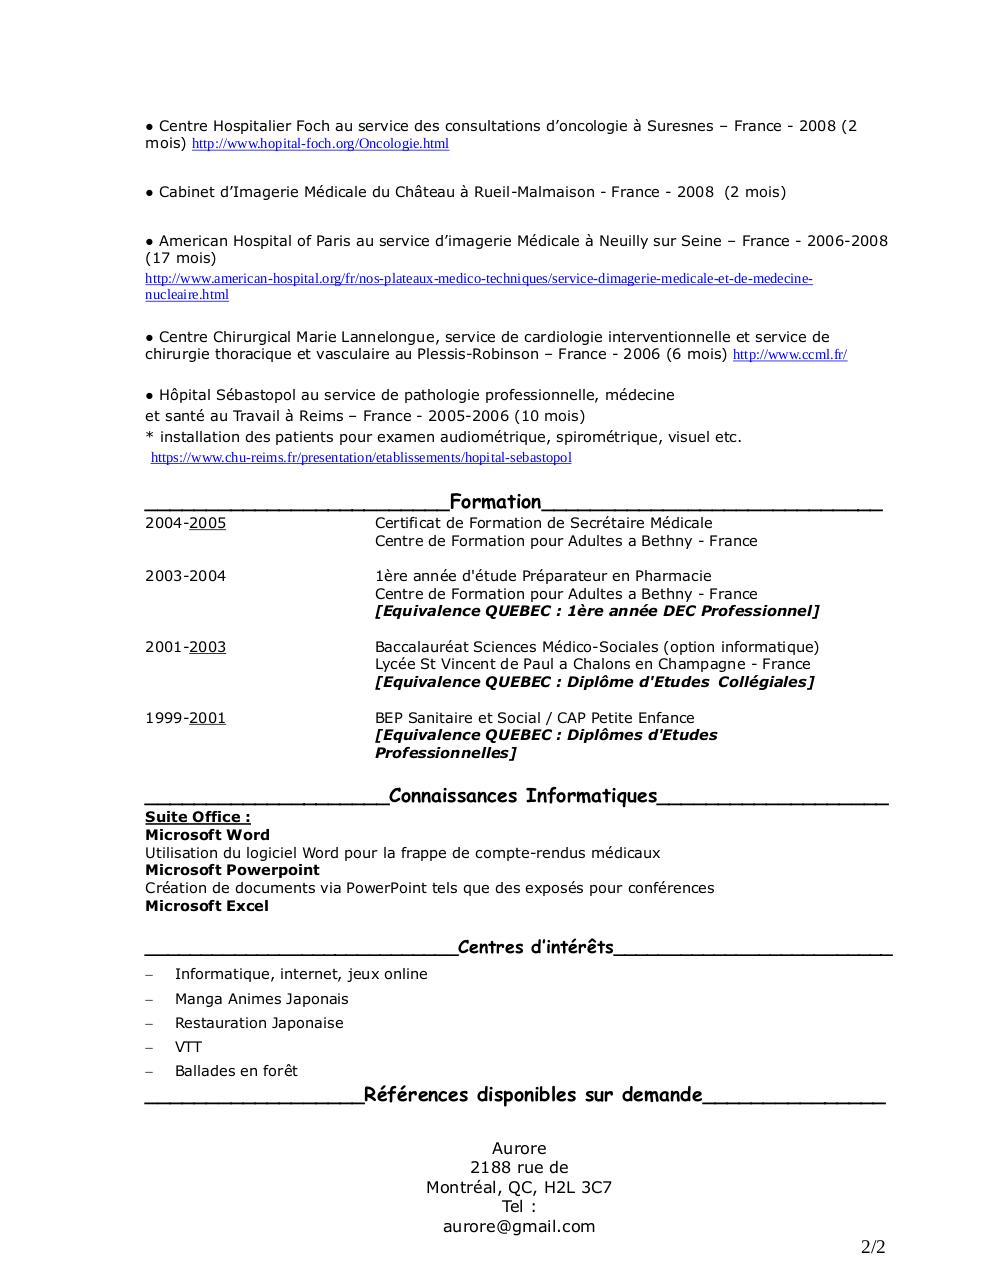 CV Secrétaire Médicale Aurore PDF PVTISTES.pdf par Aurore ...